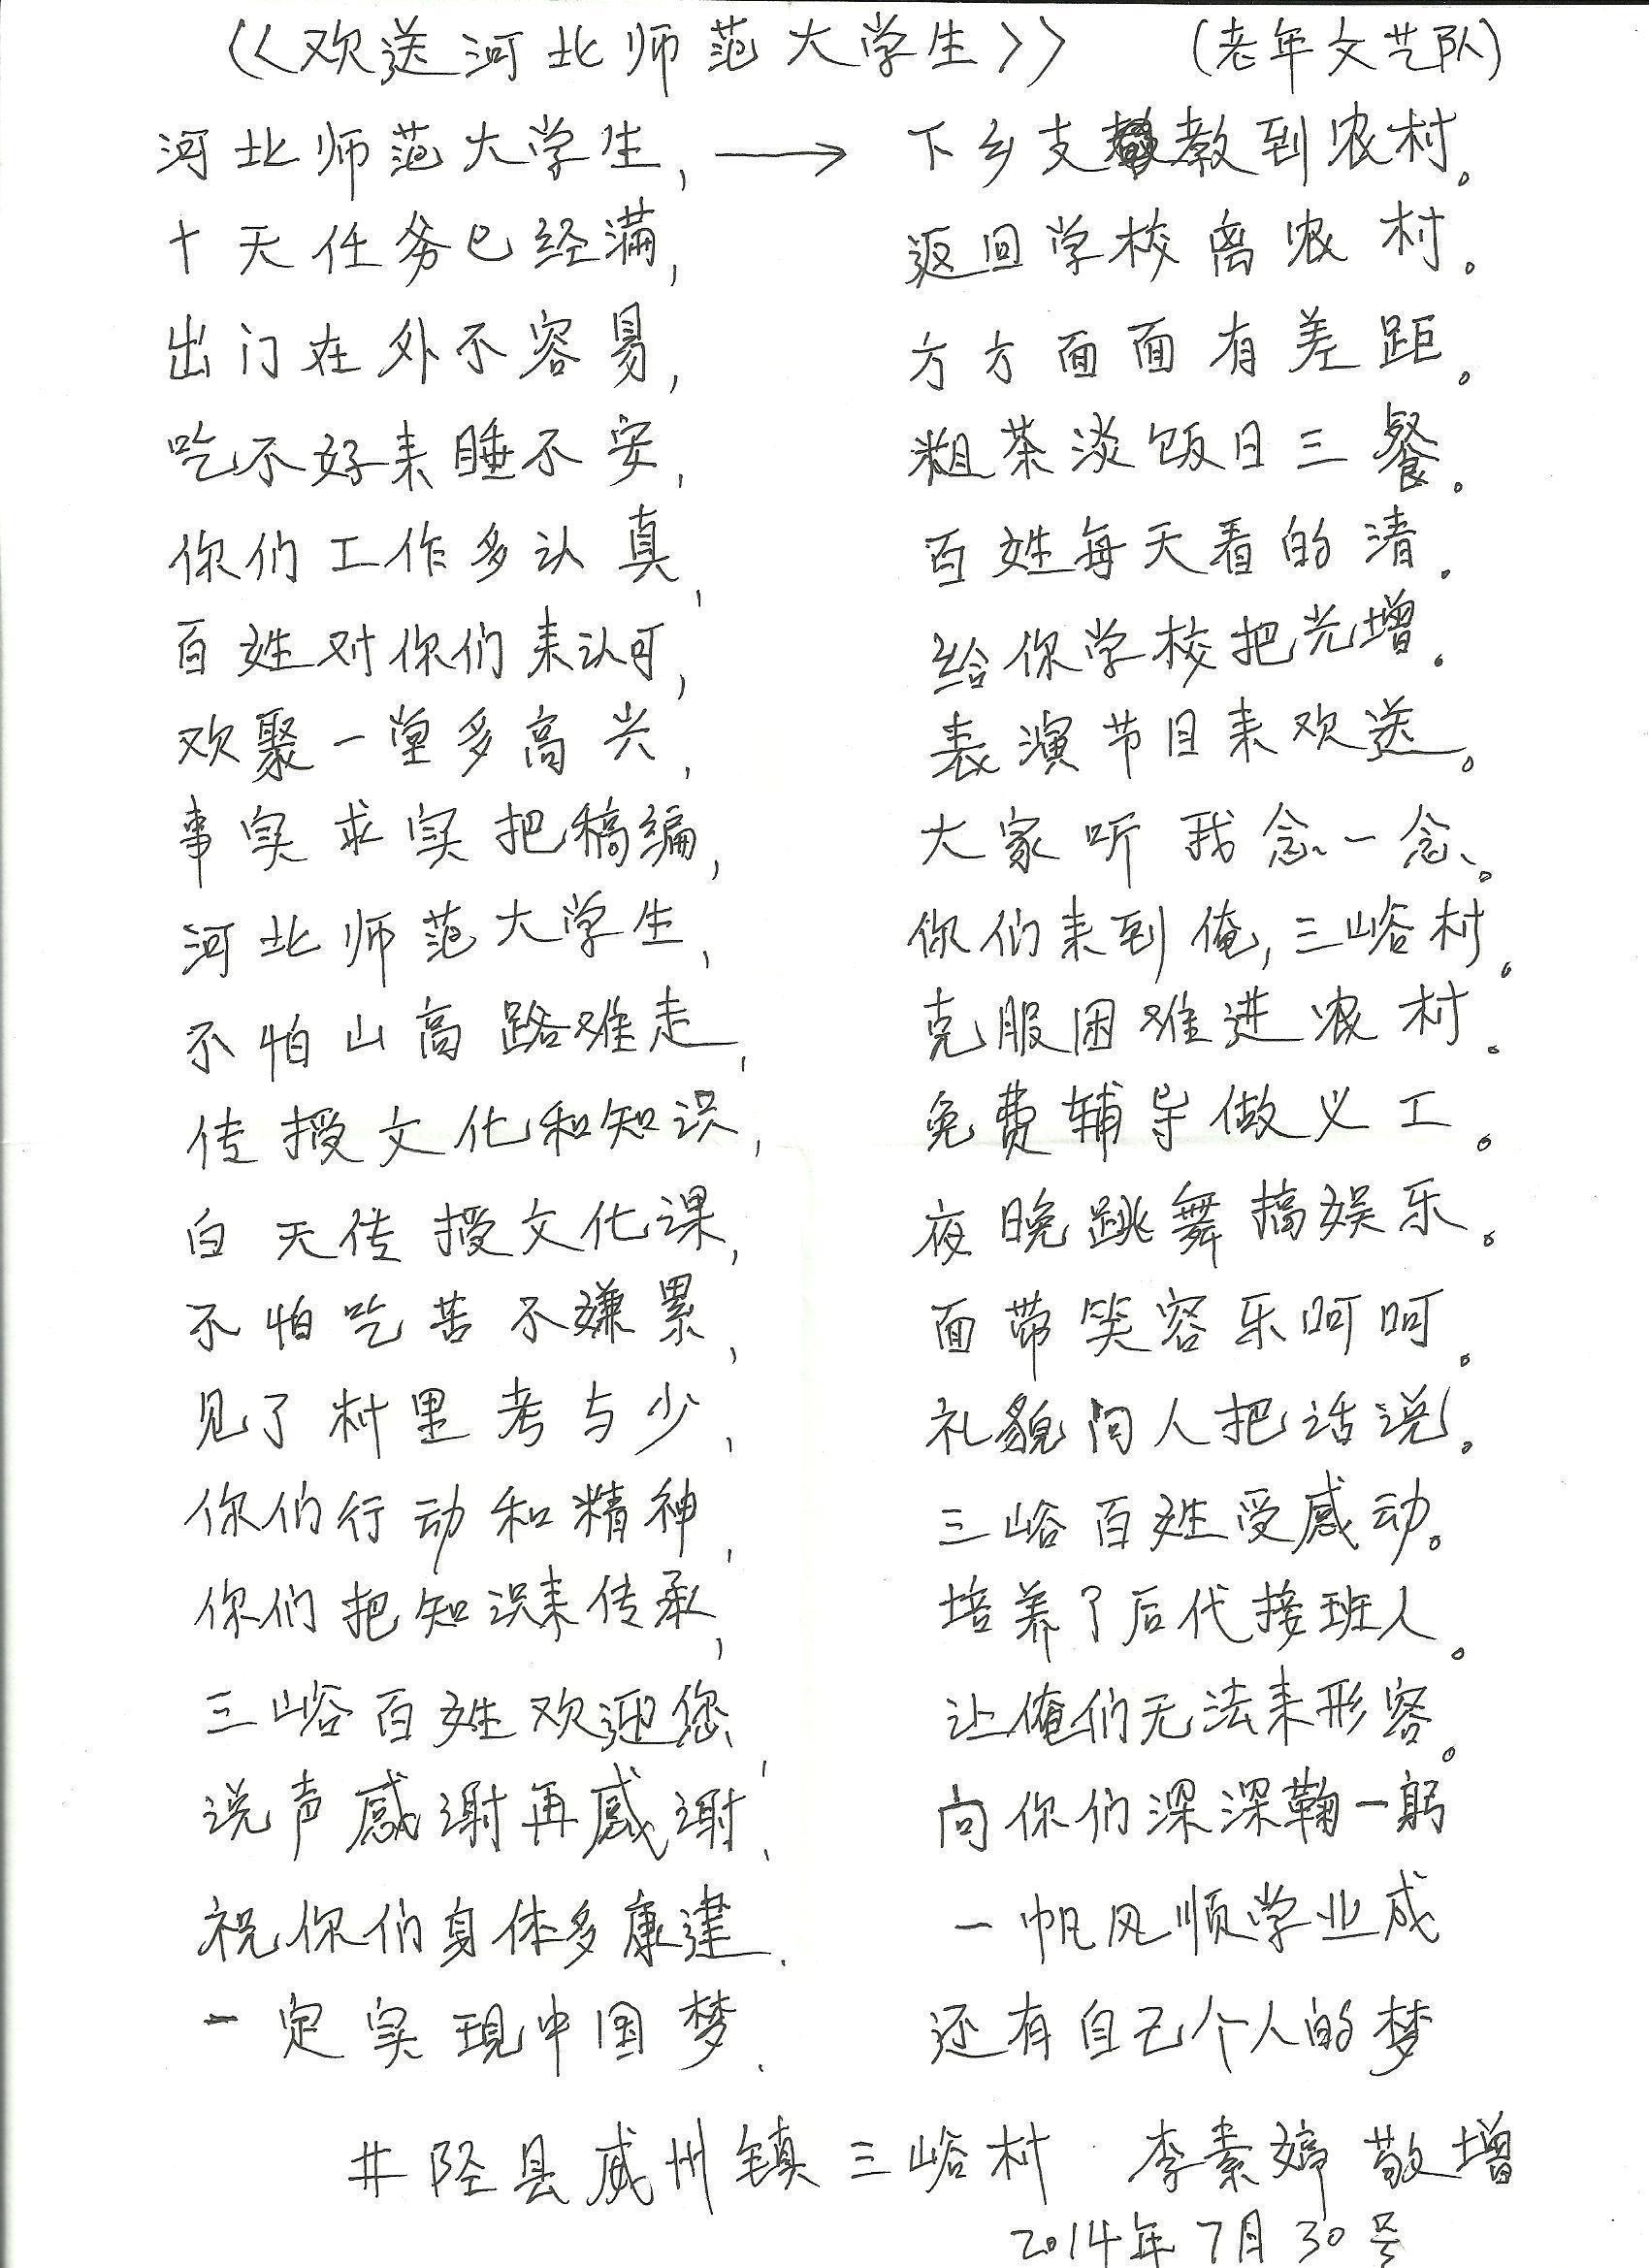 井陉三峪村老大娘的亲笔真情流露